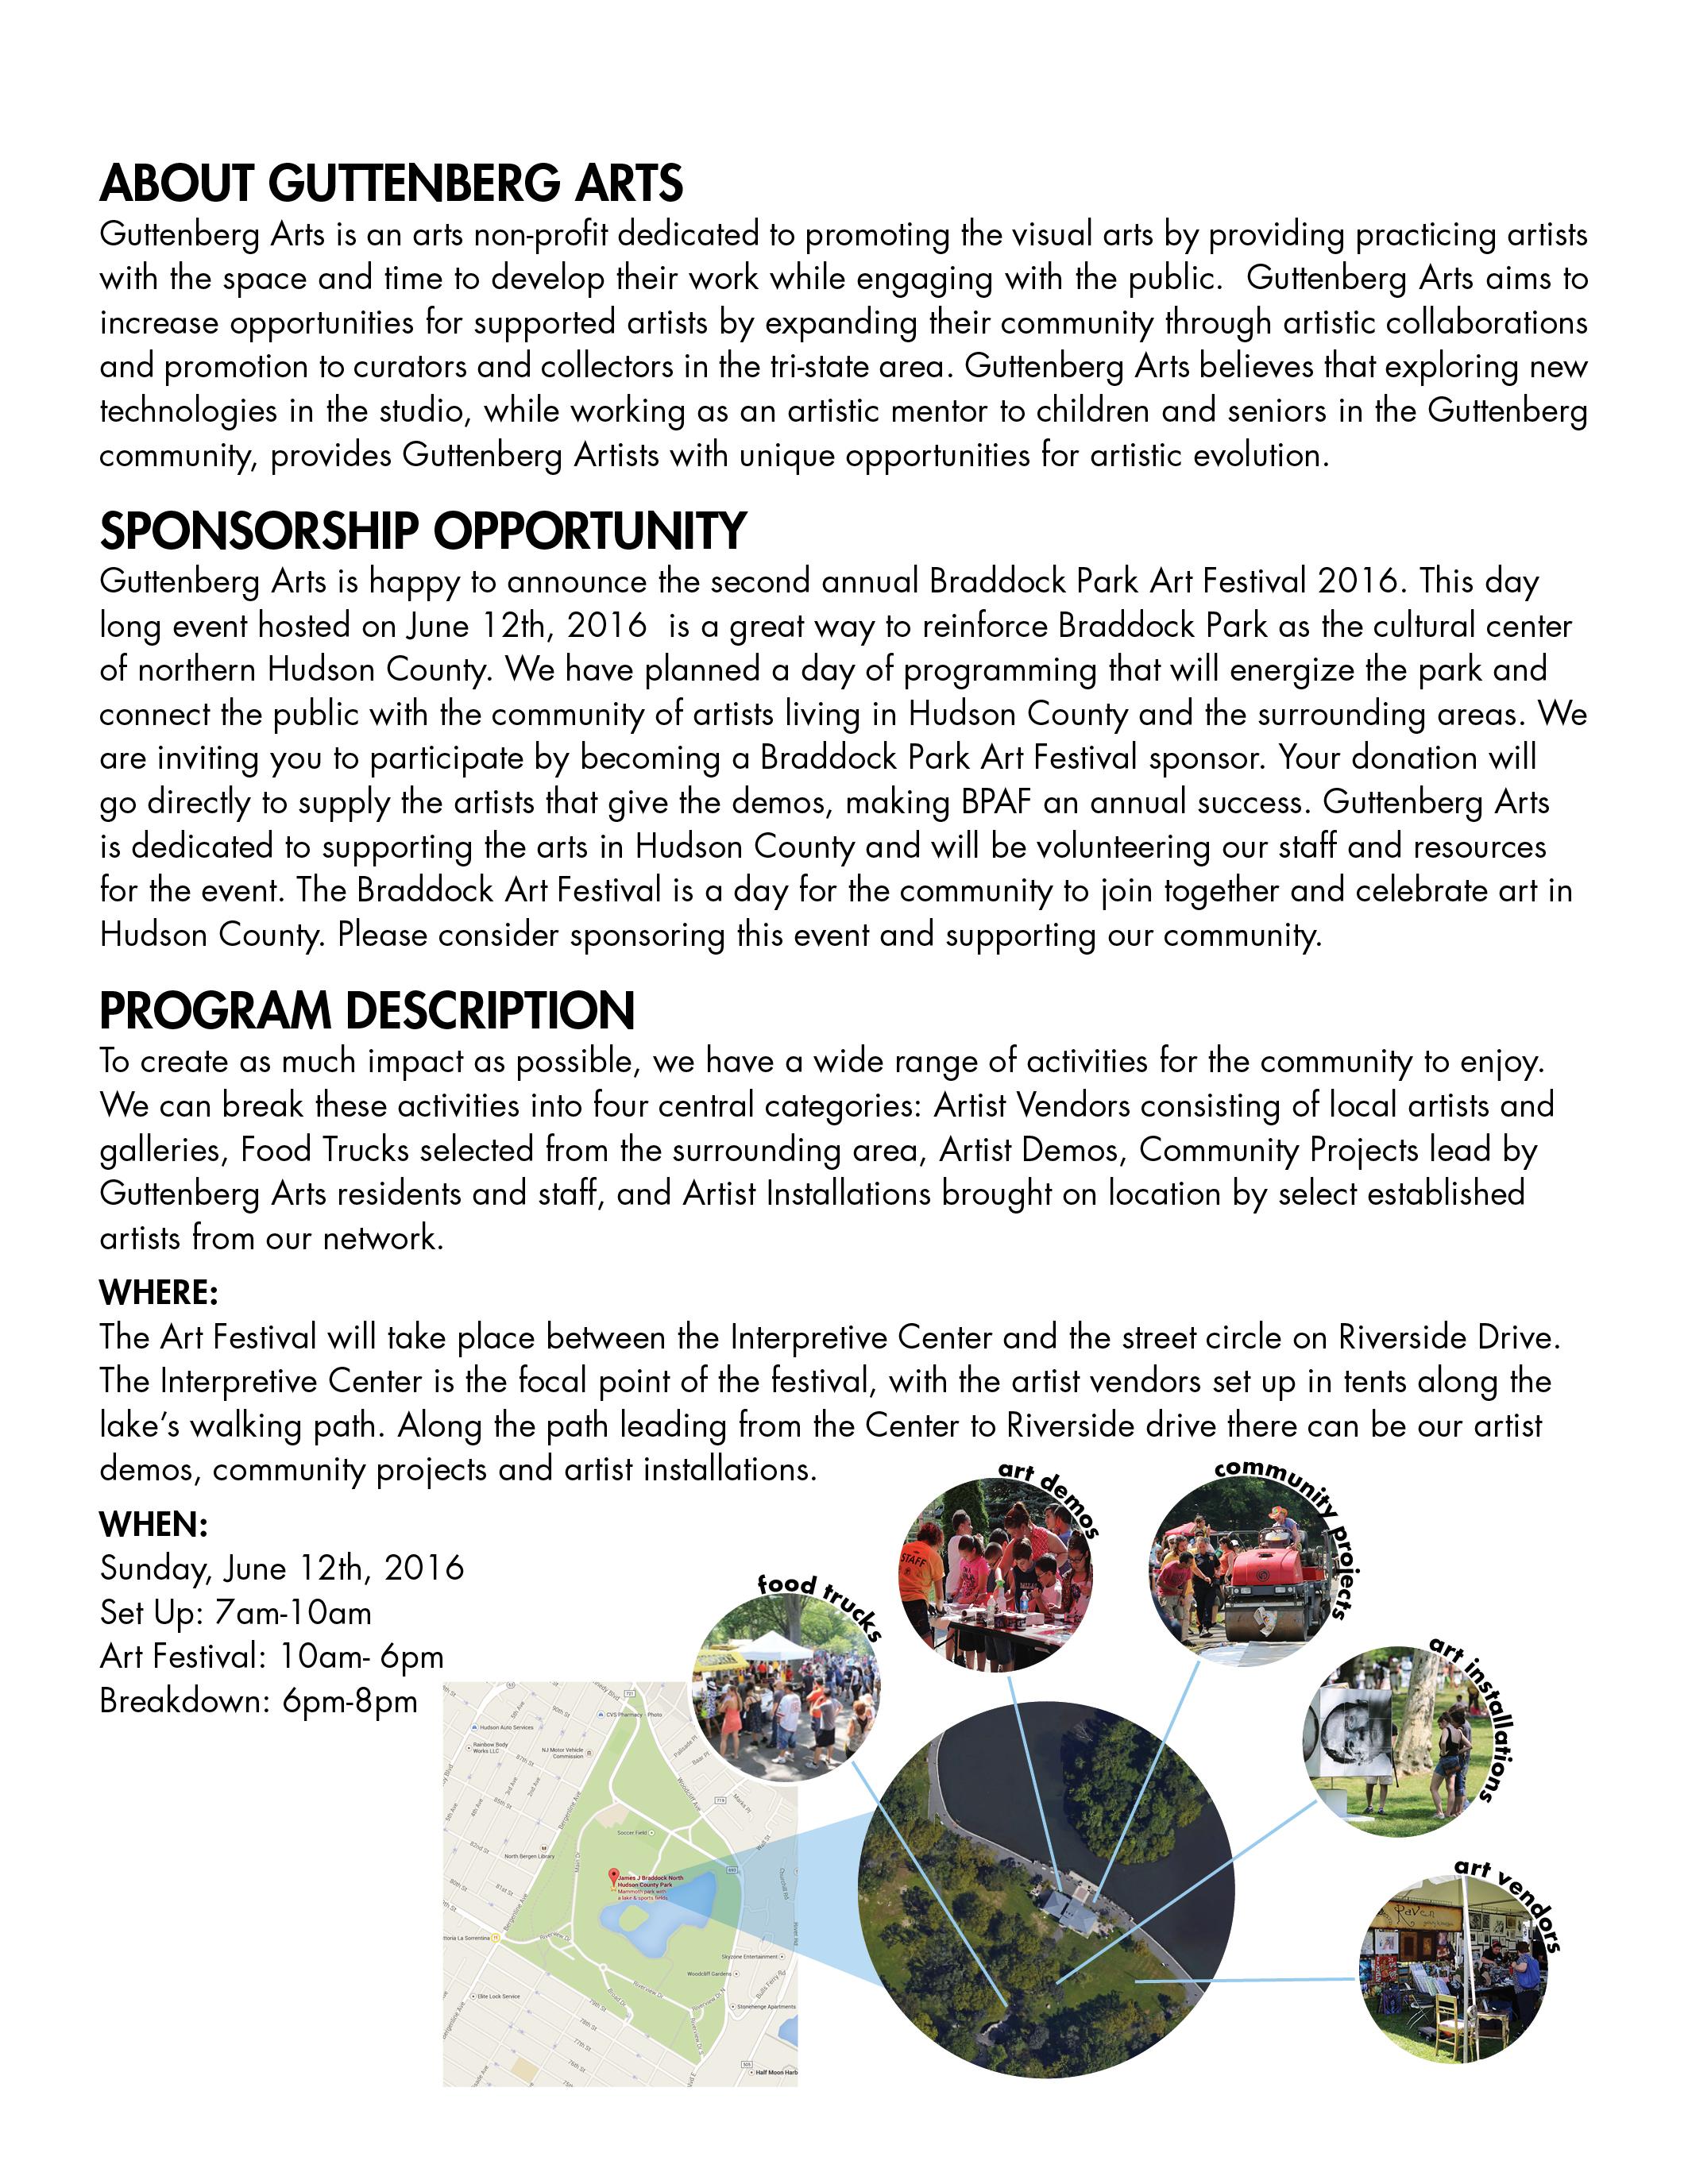 BPAF2016 Corporate Sponsorship Final2.jpg